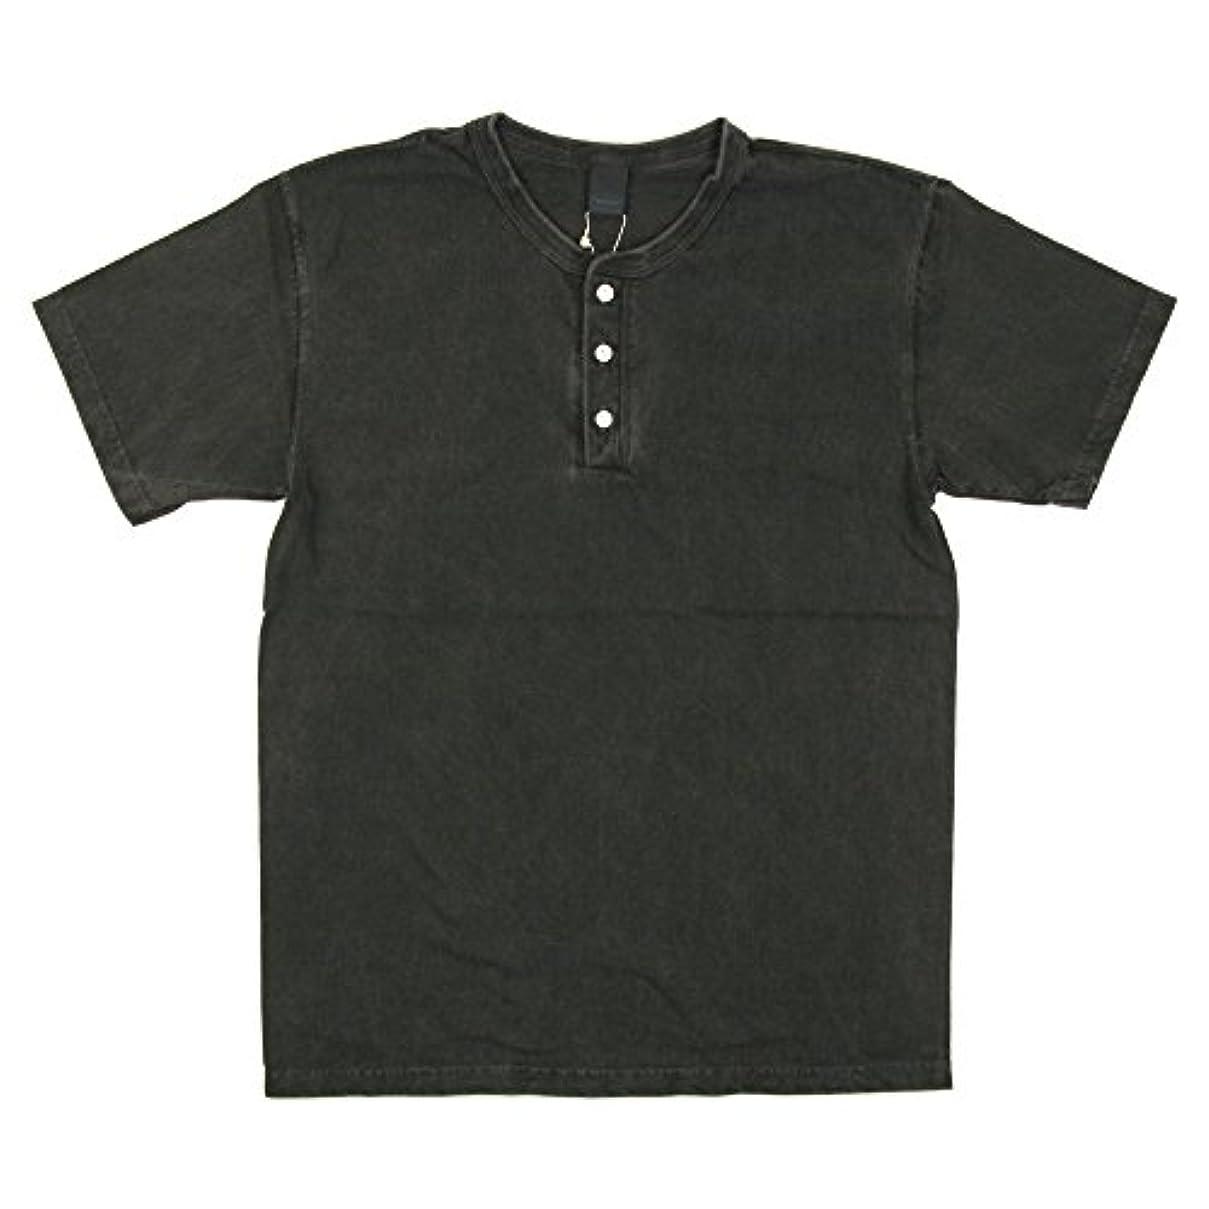 起訴するしかしながら高音(グッドオン) Good On ショートスリーブ ヘンリーネック Tシャツ カットソー 無地 メンズ レディース M P_Black GOST1102P